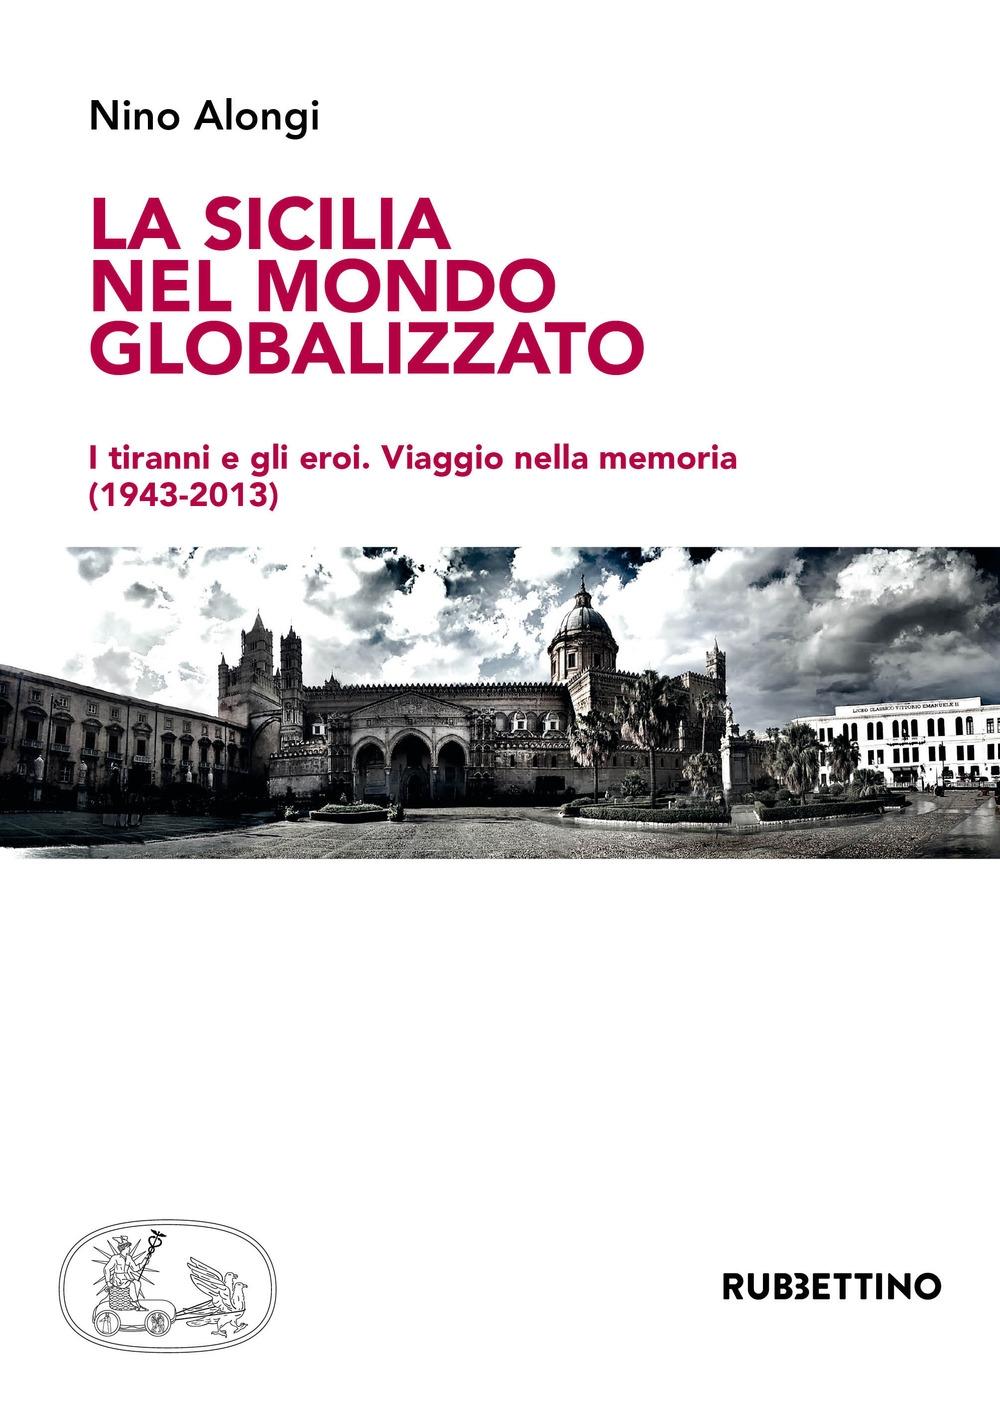 La Sicilia nel mondo globalizzato. I tiranni e gli eroi. Viaggio nella memoria (1943-2013)